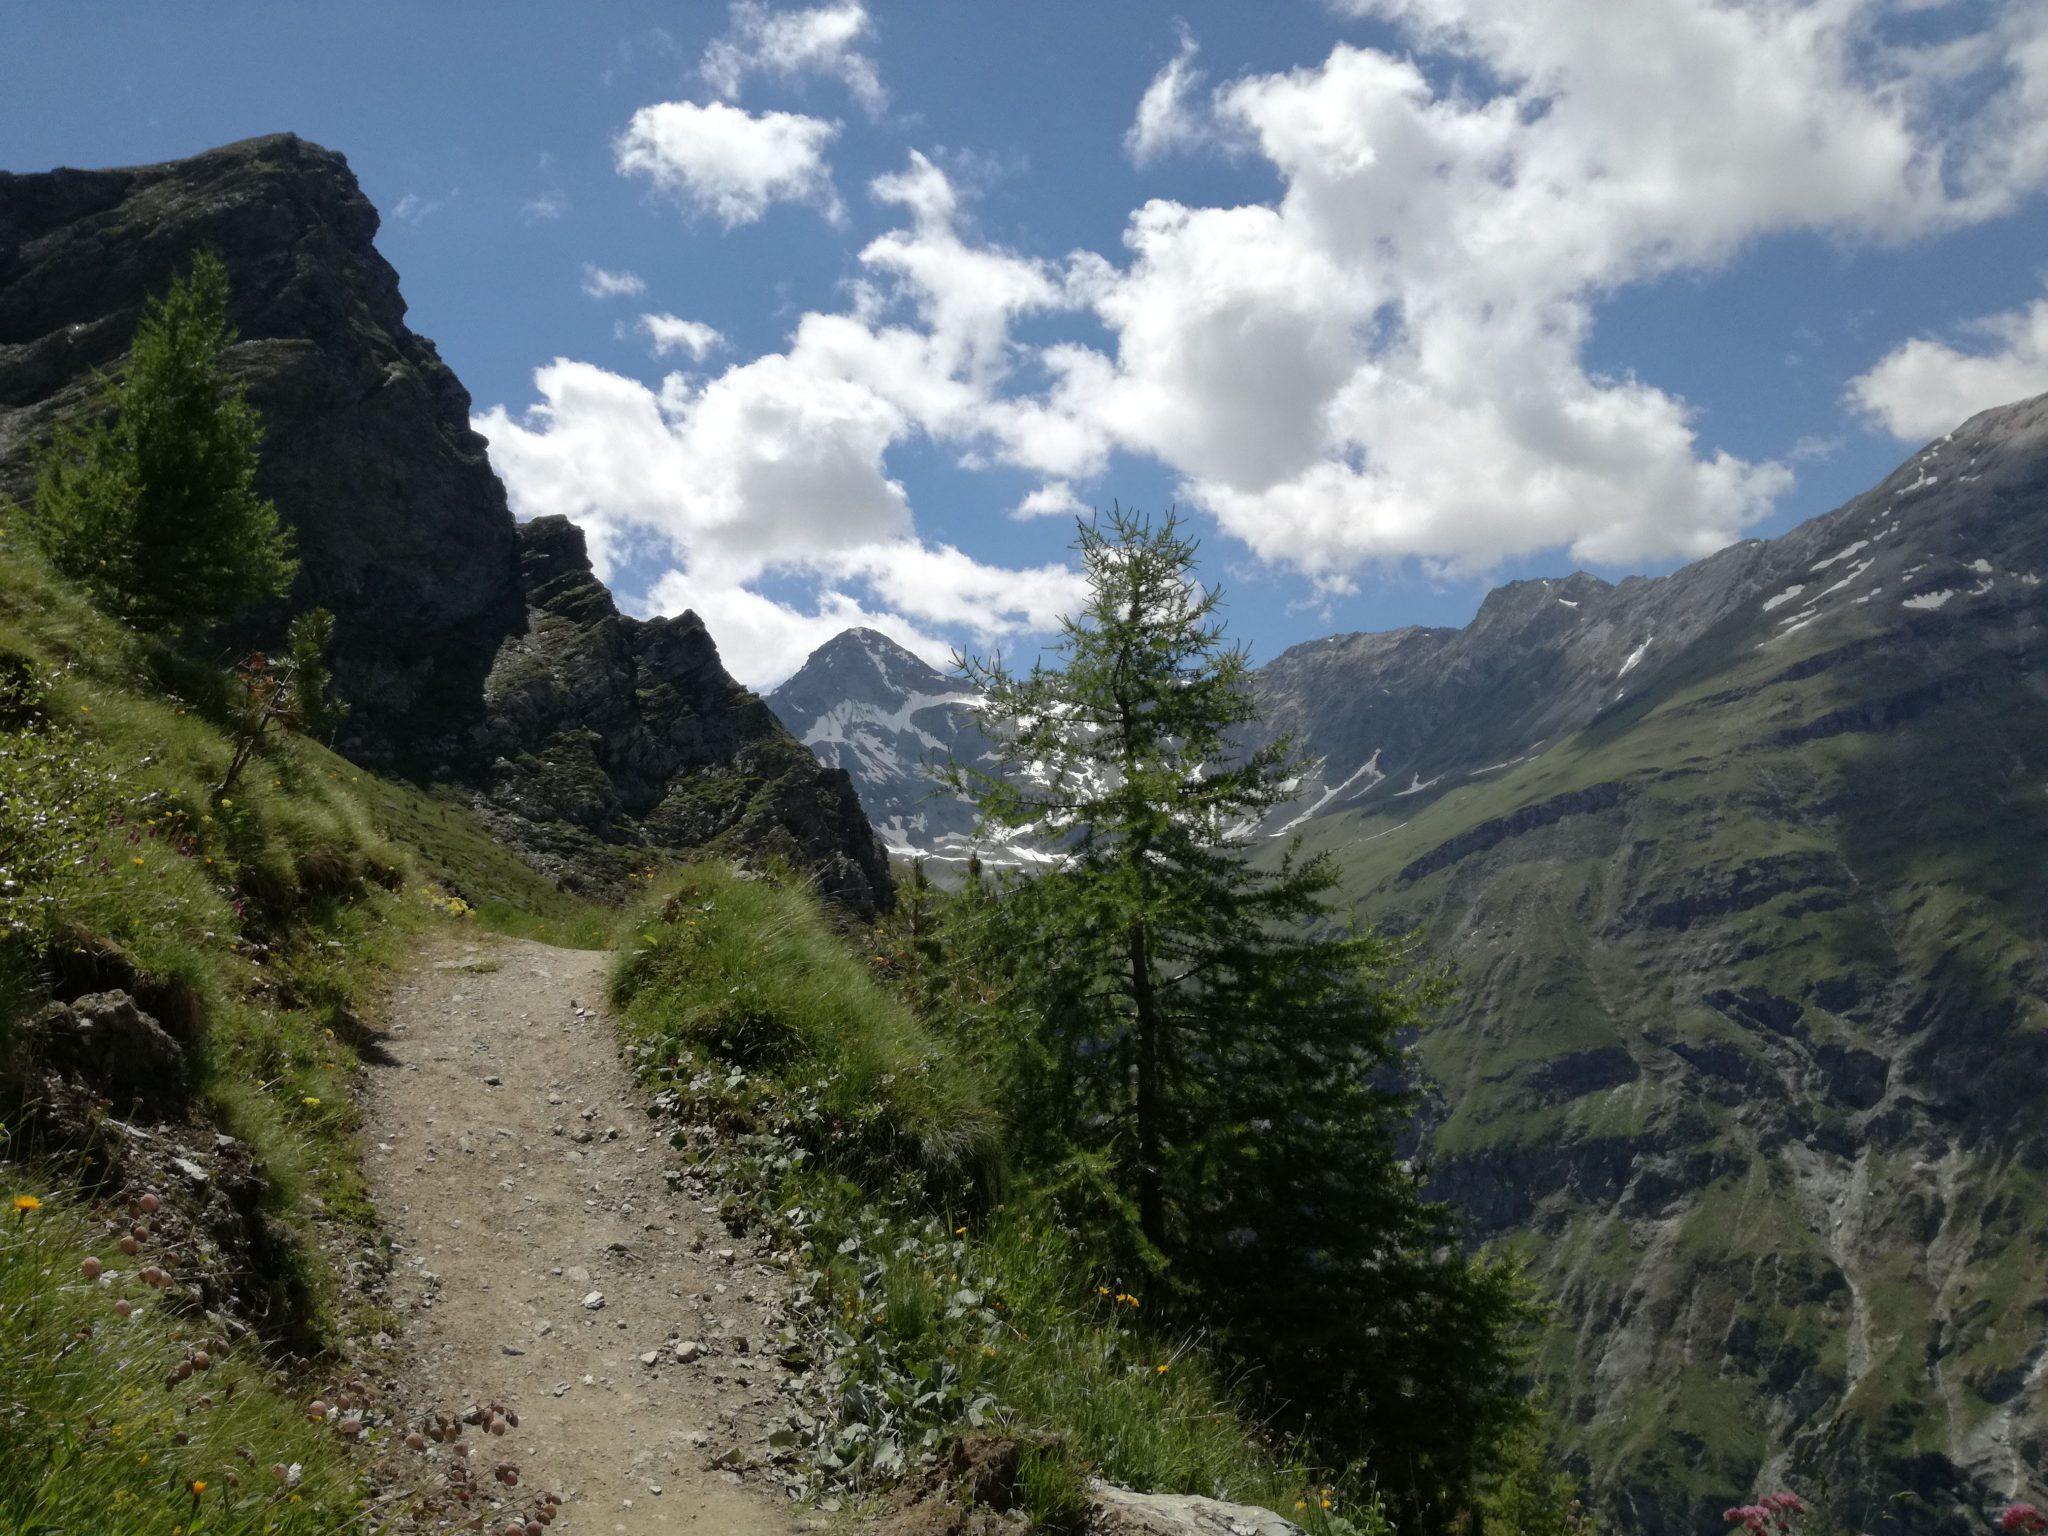 W stronę Roc de la Vache